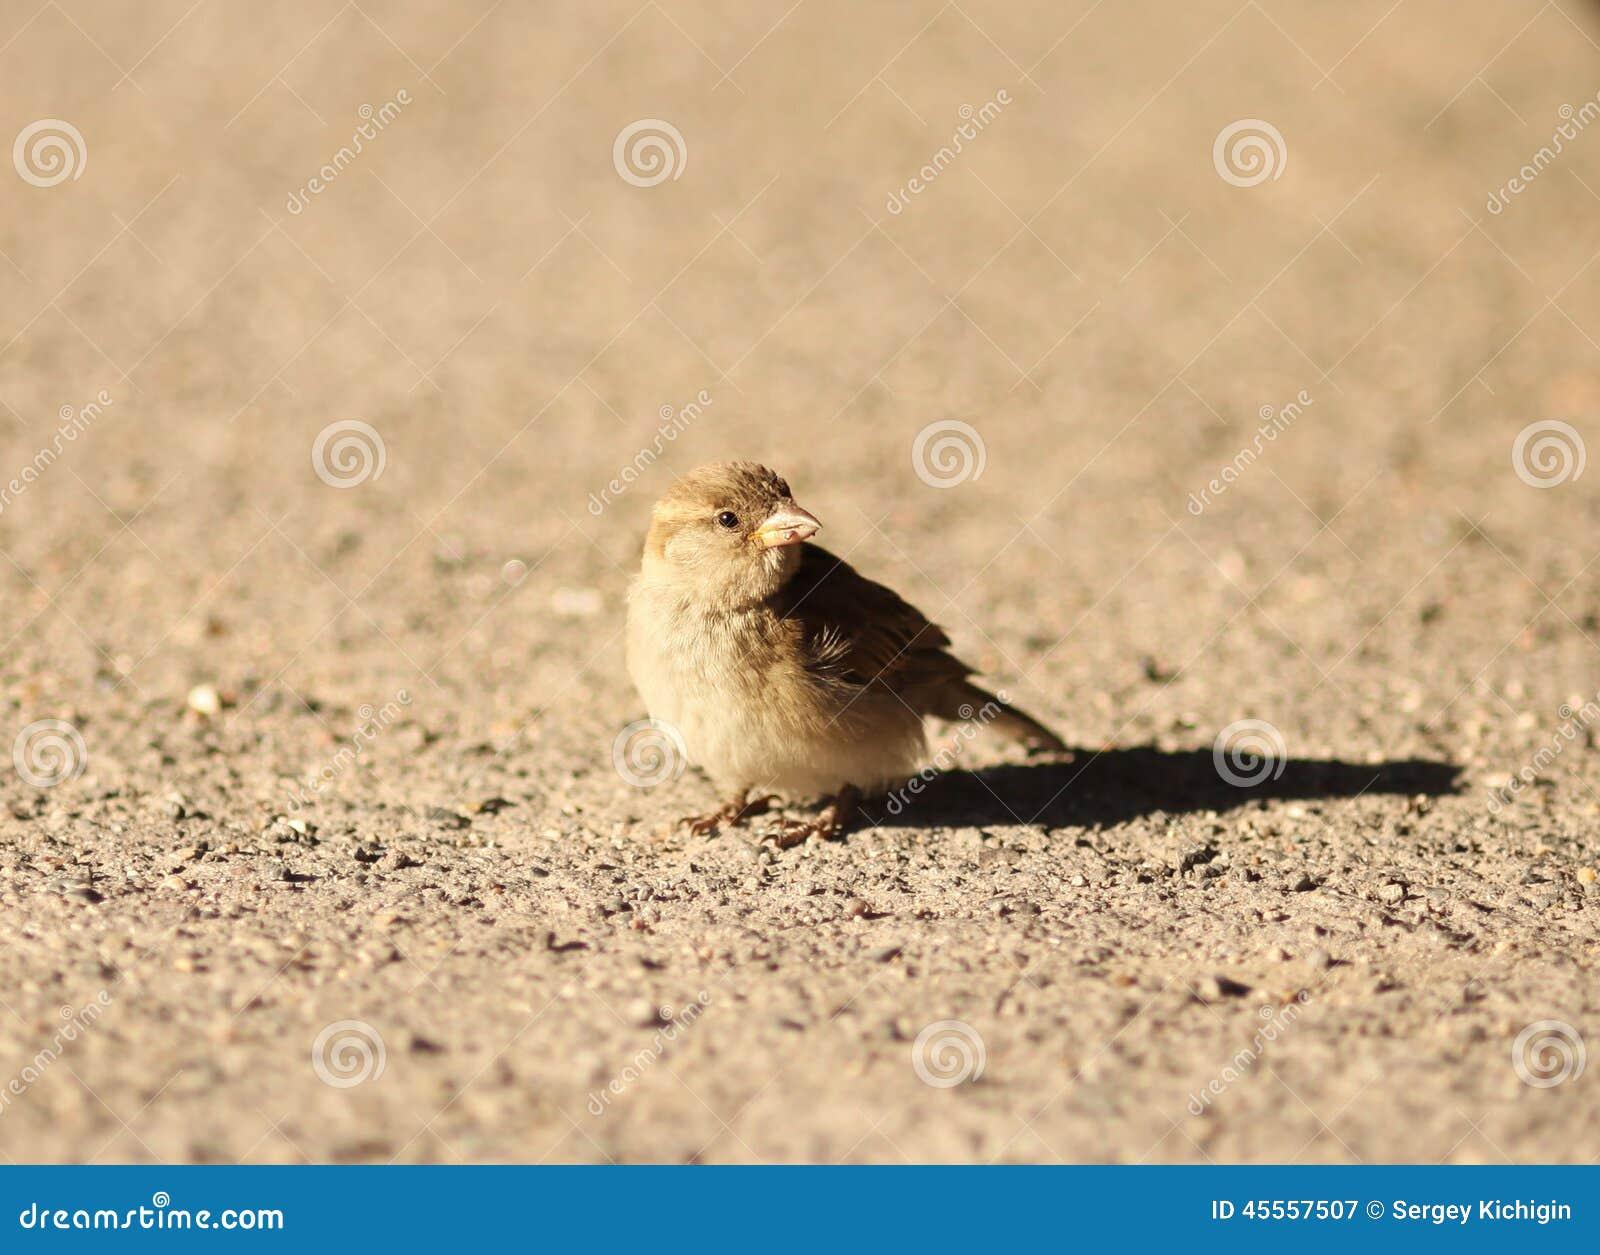 Маленькая птица в песке